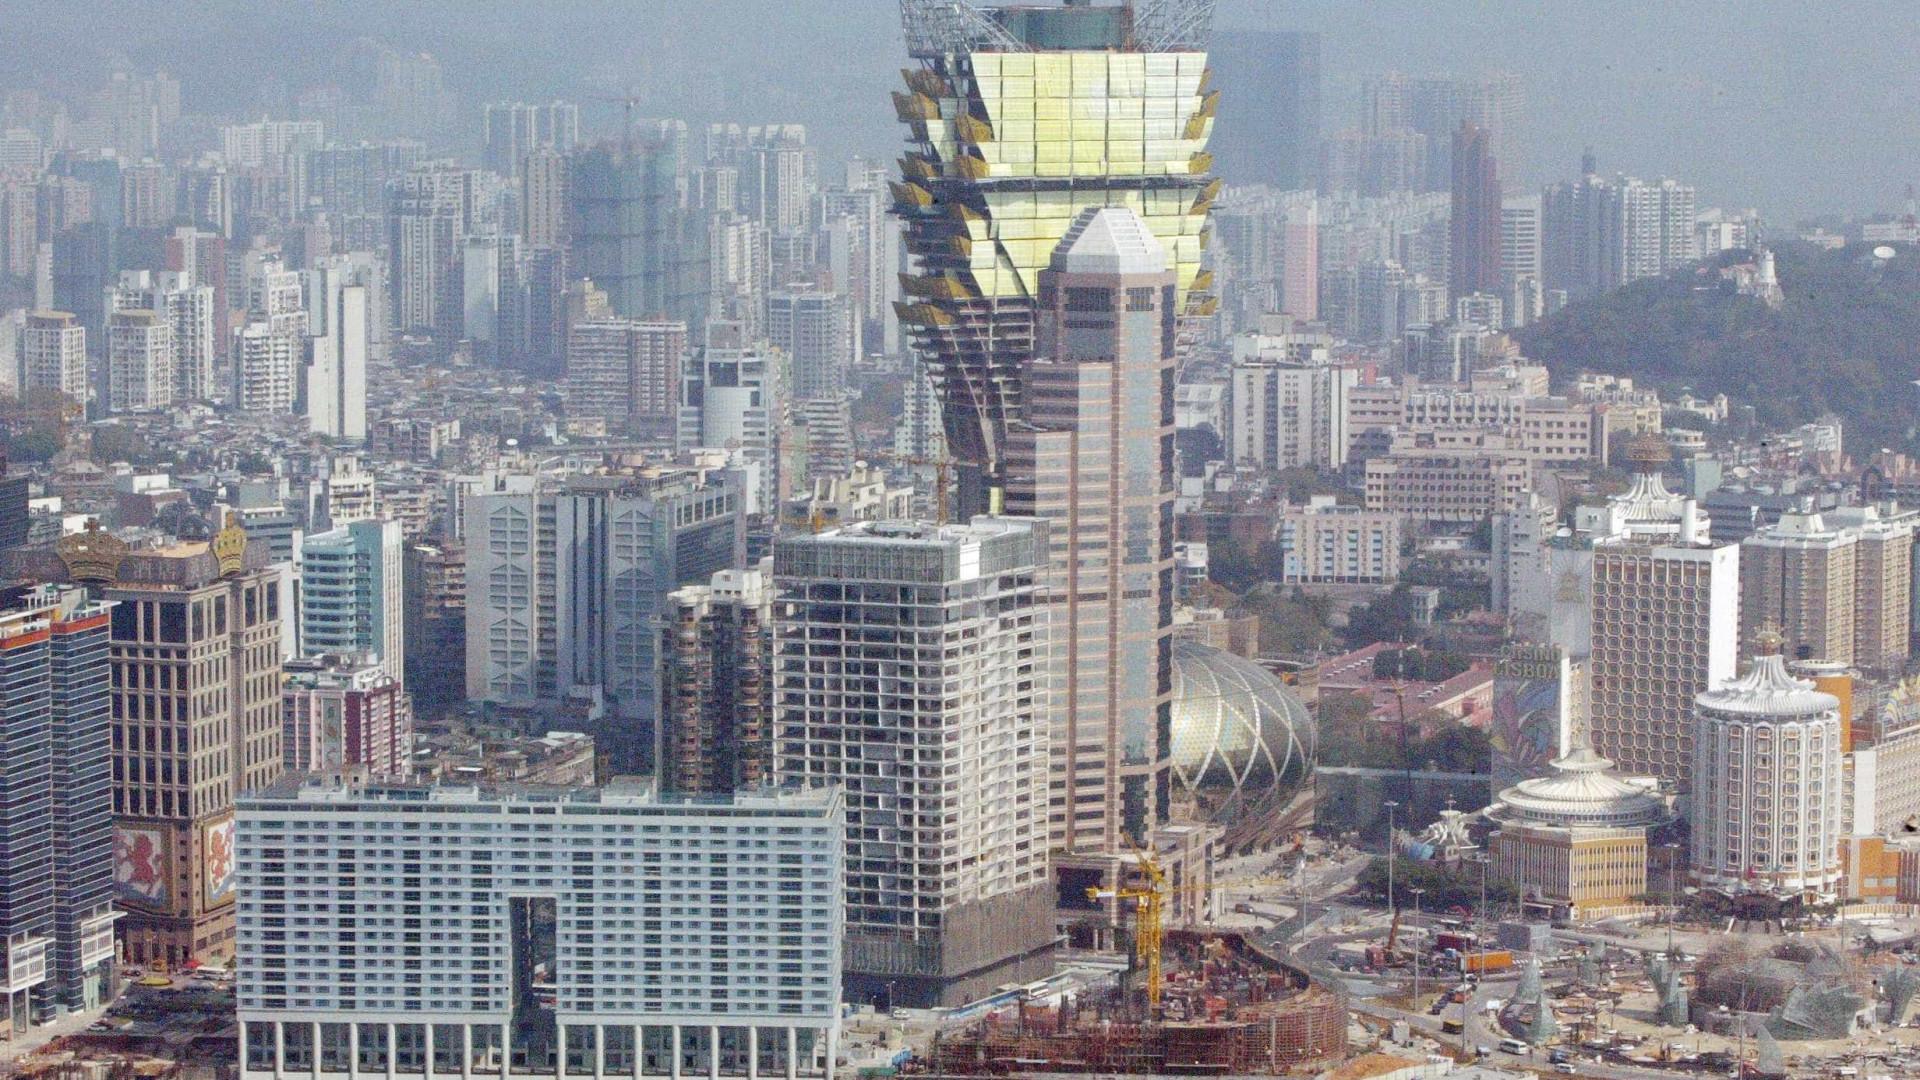 Detido funcionário da Alfândega de Macau por suspeita de fraude